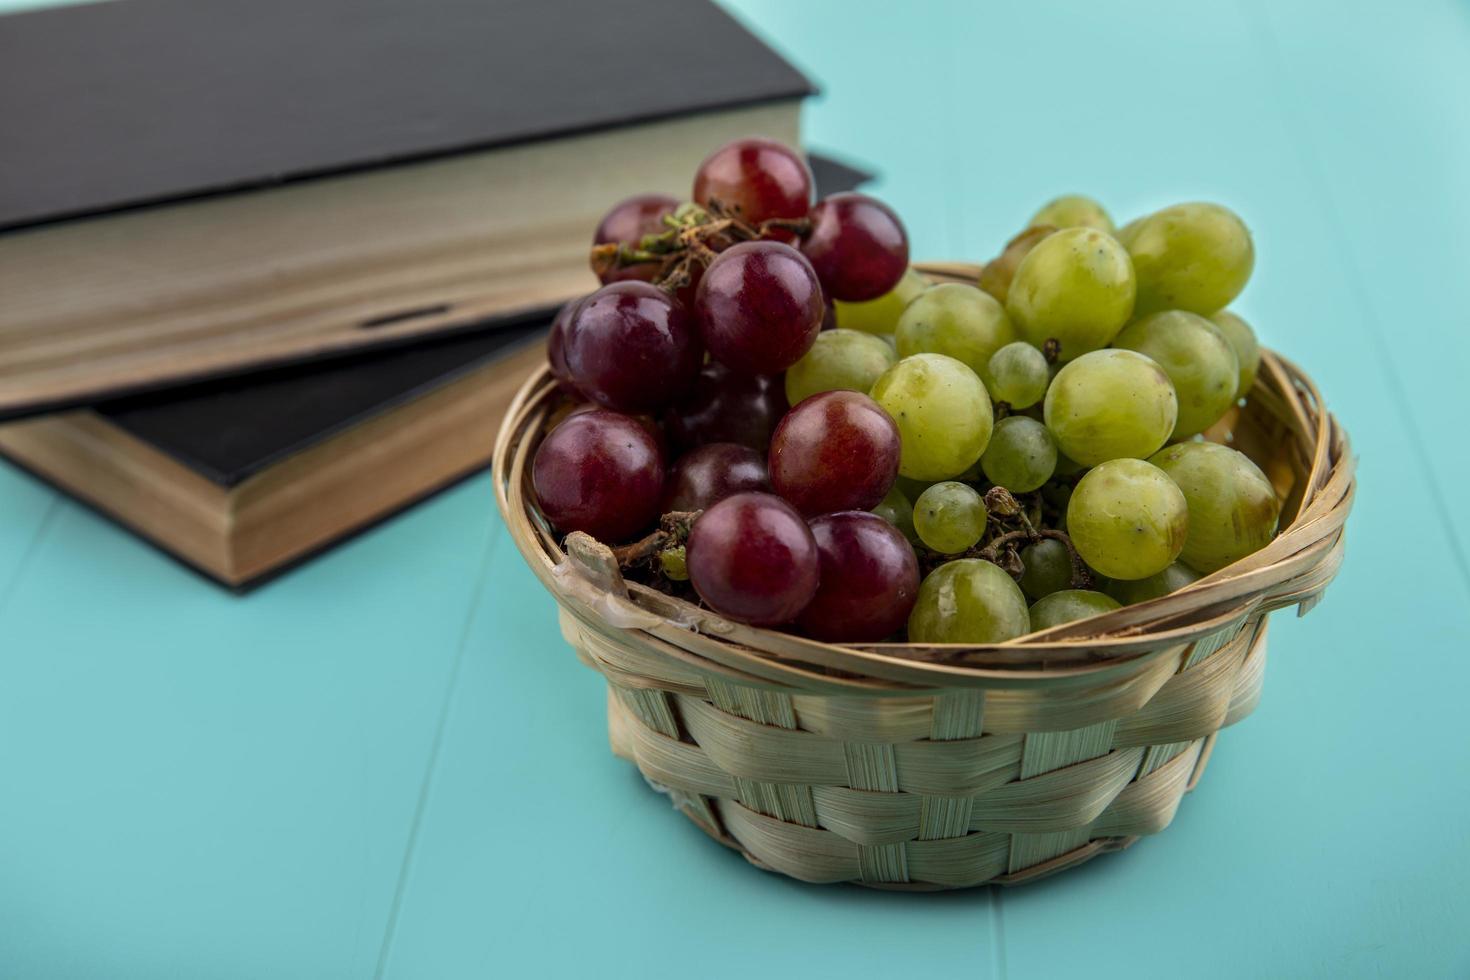 uvas na cesta com livros sobre fundo azul foto